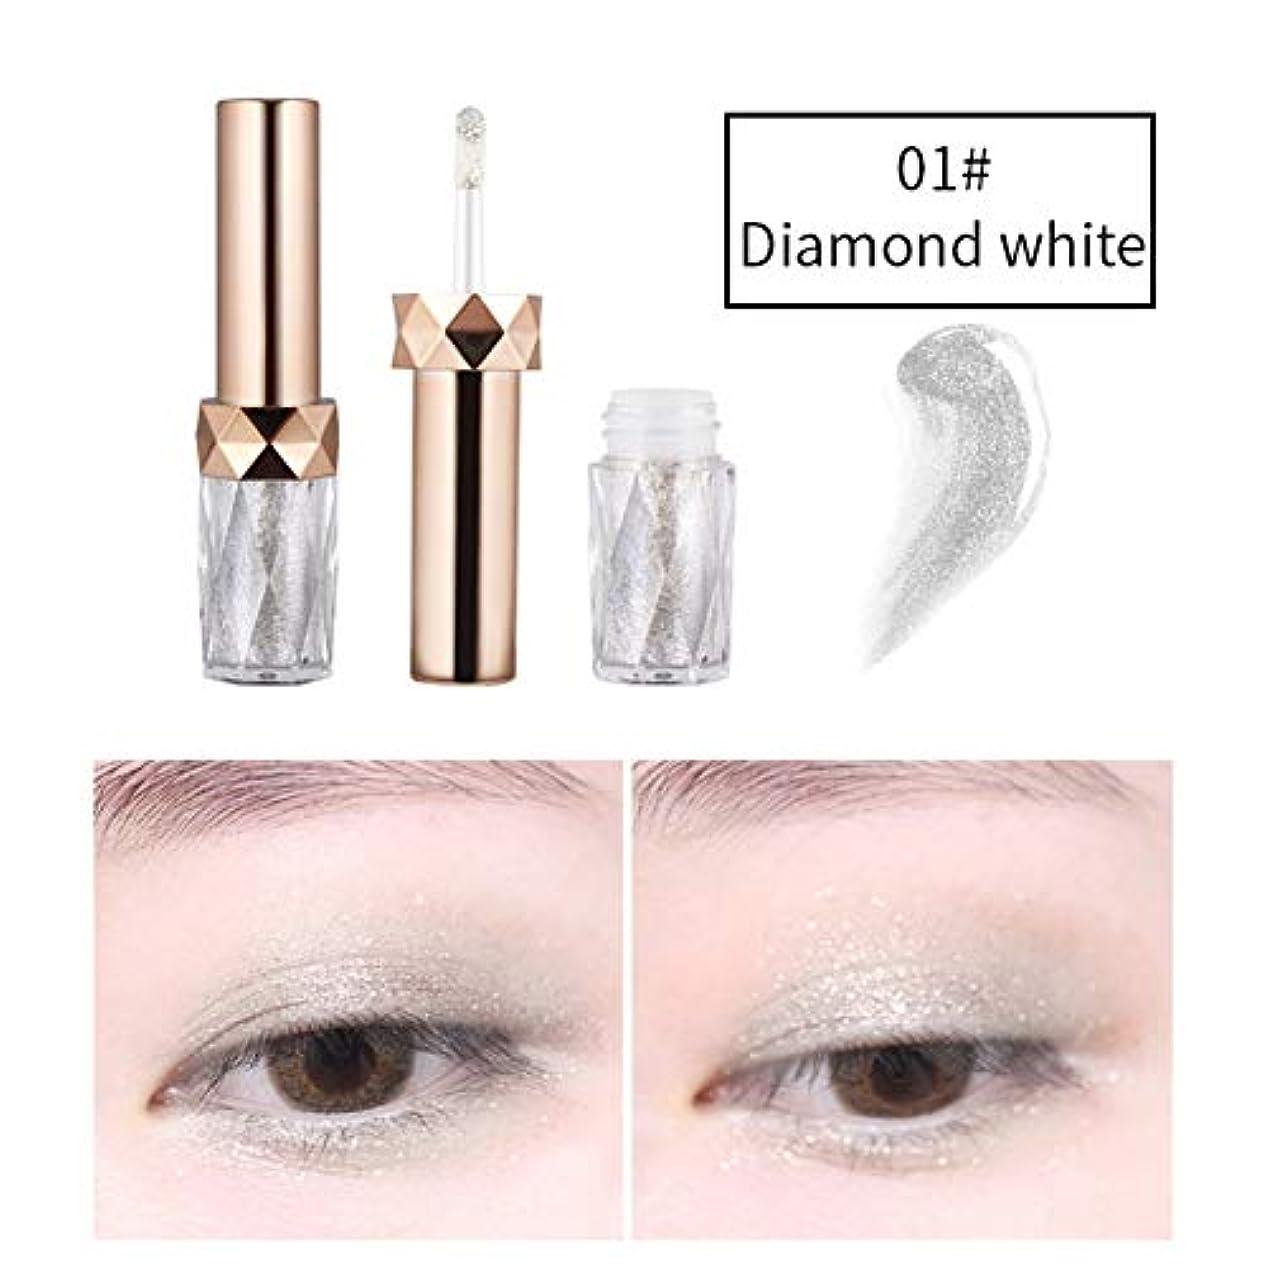 ゼロ弓藤色Cutelove リキッドアイシャドウ ダイヤモンドのような煌めき 日常でも使える 上品 ロングラスティング Diamond White